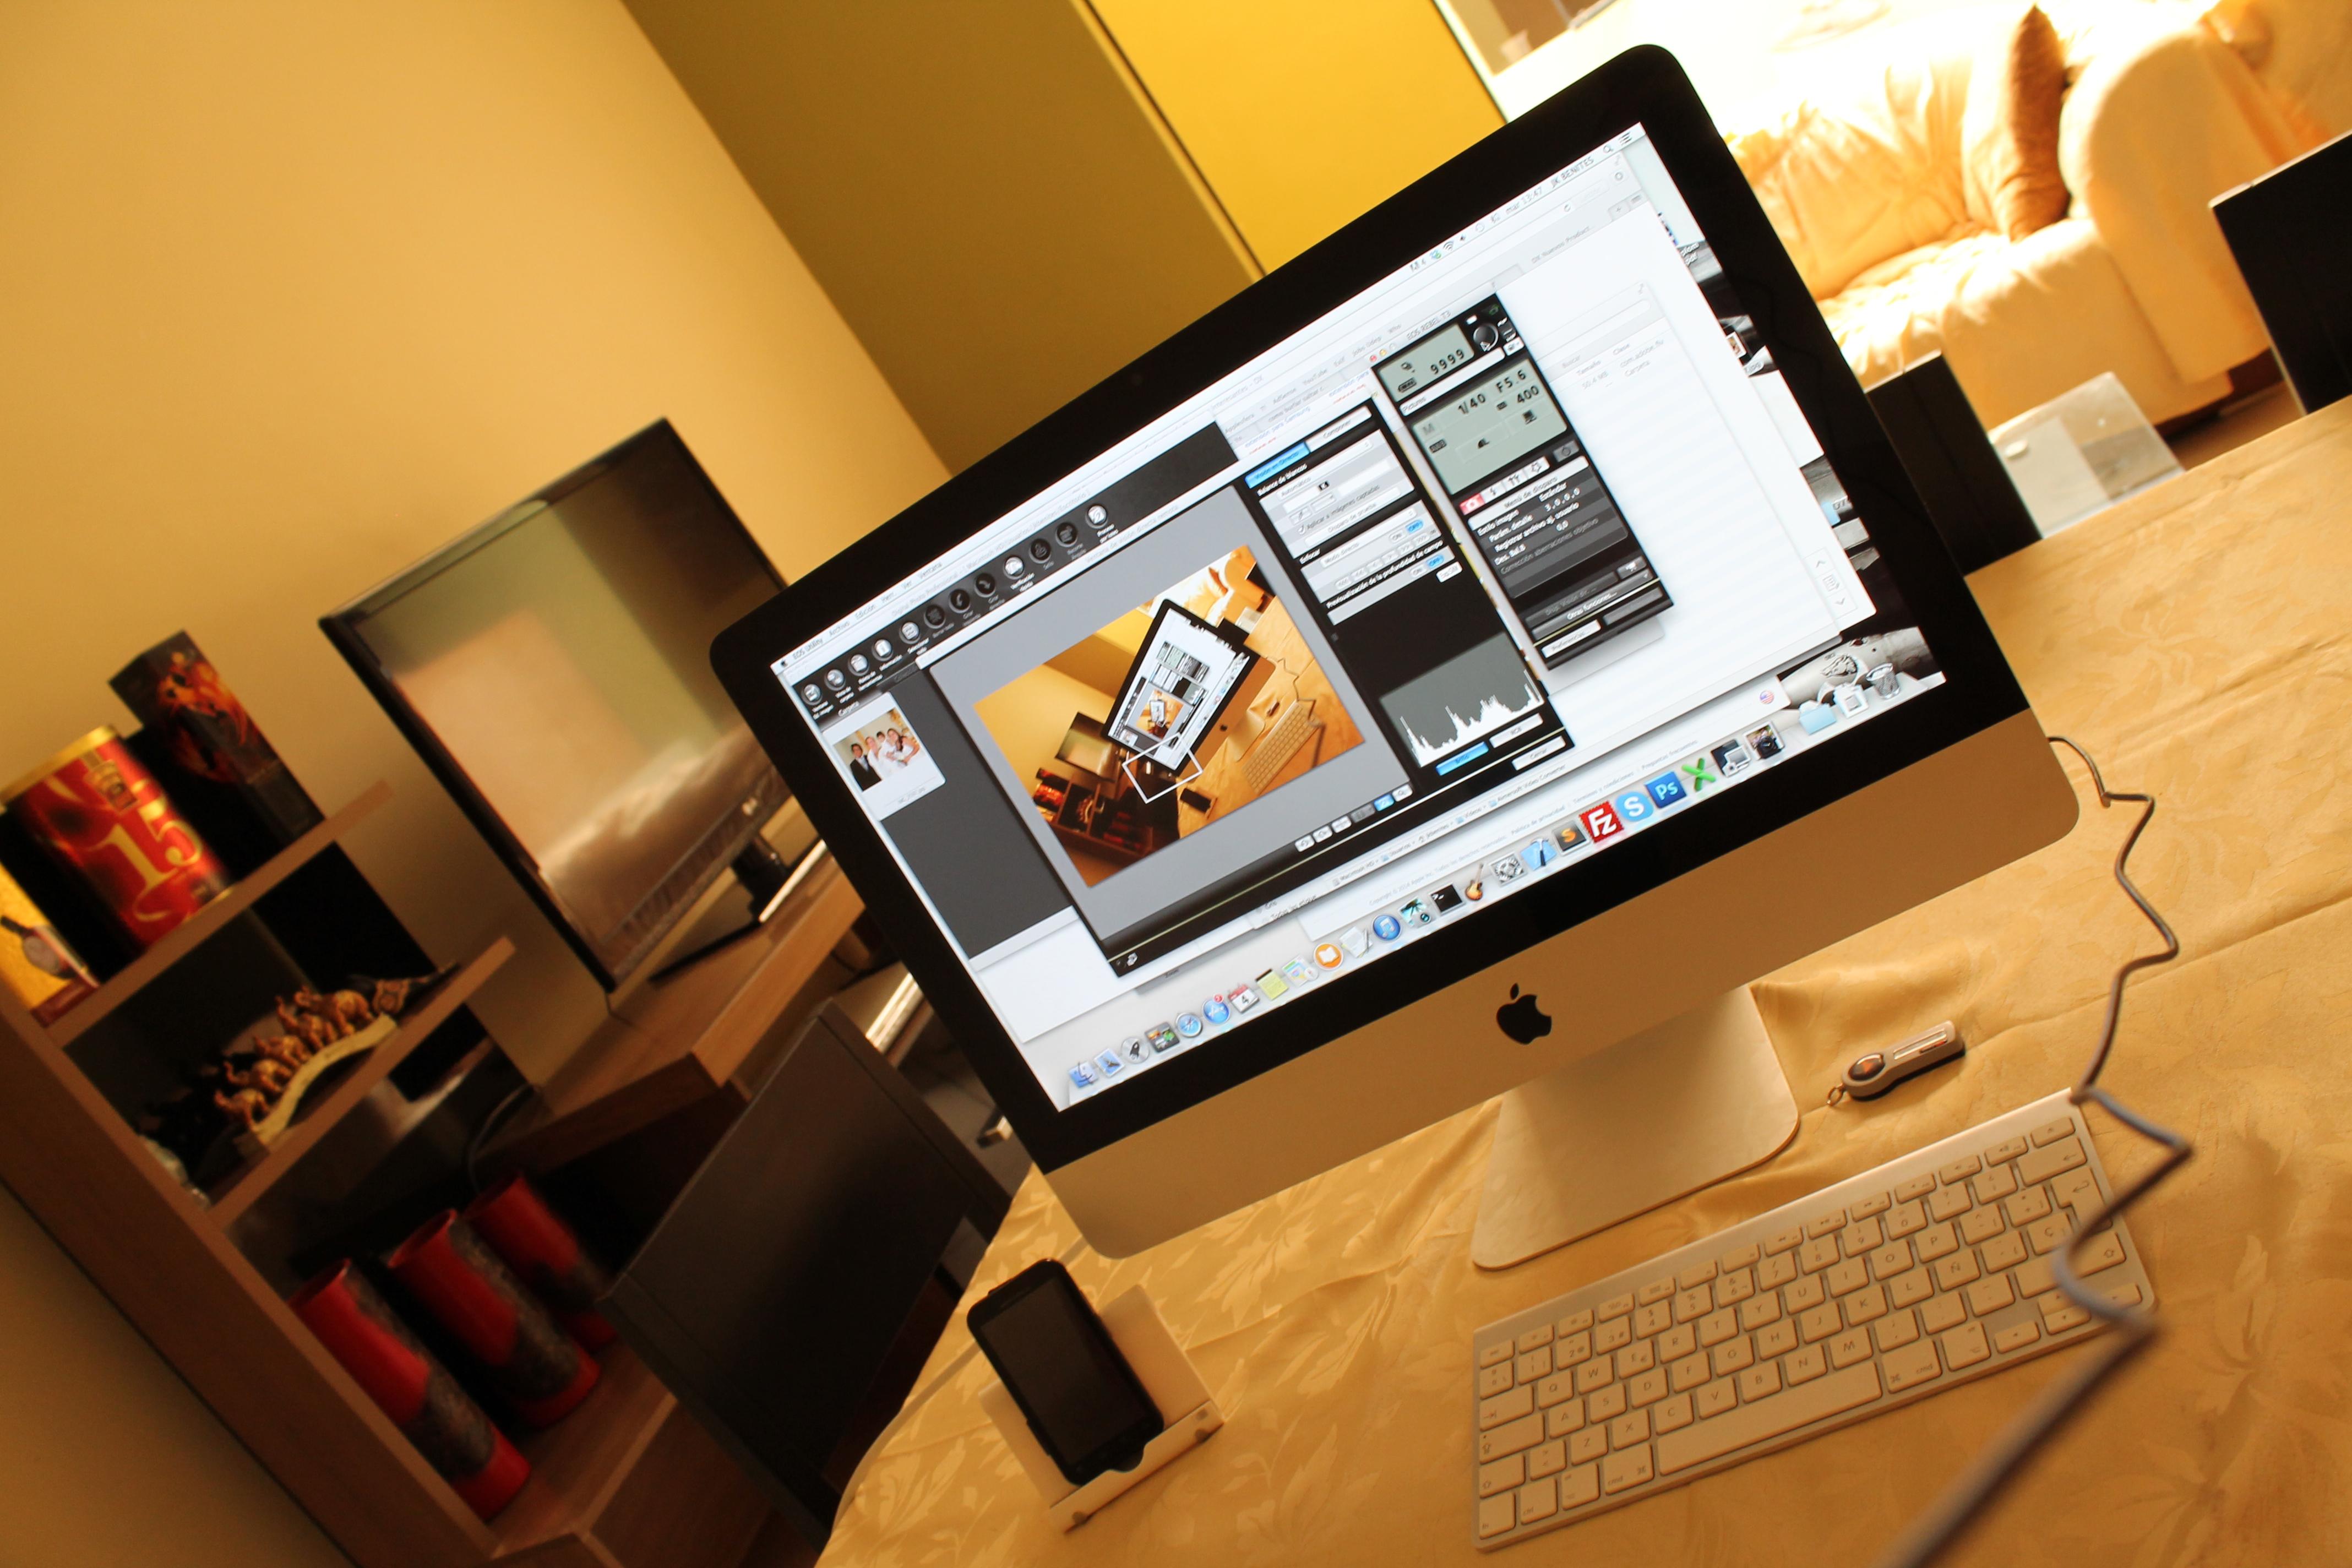 Escritorio con una iMac - 4272x2848